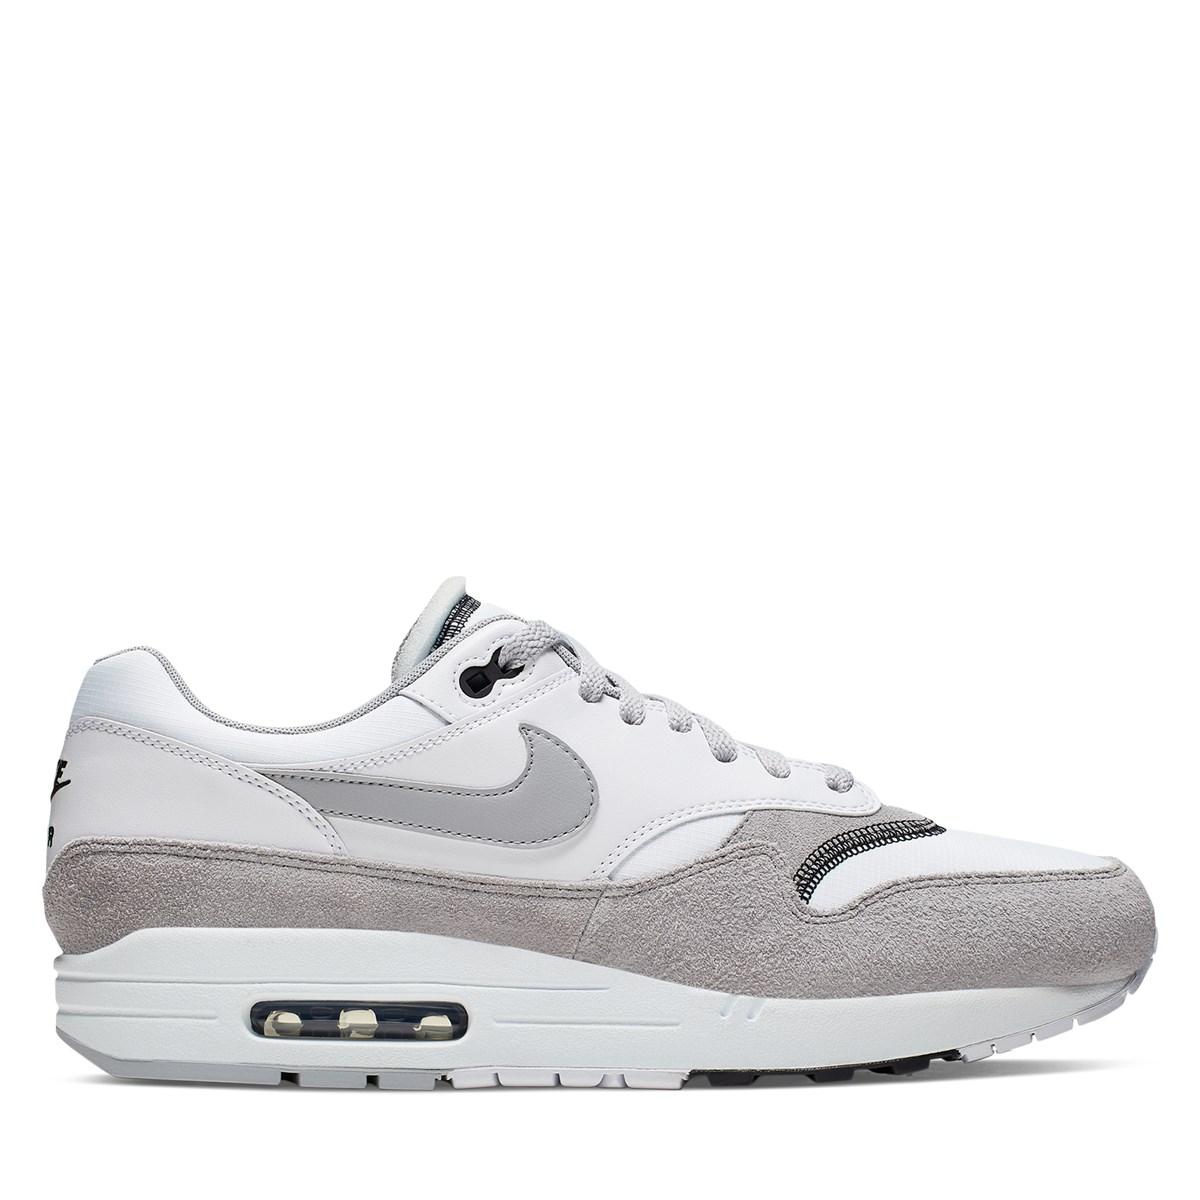 Men's Air Max 1 Sneakers in Grey